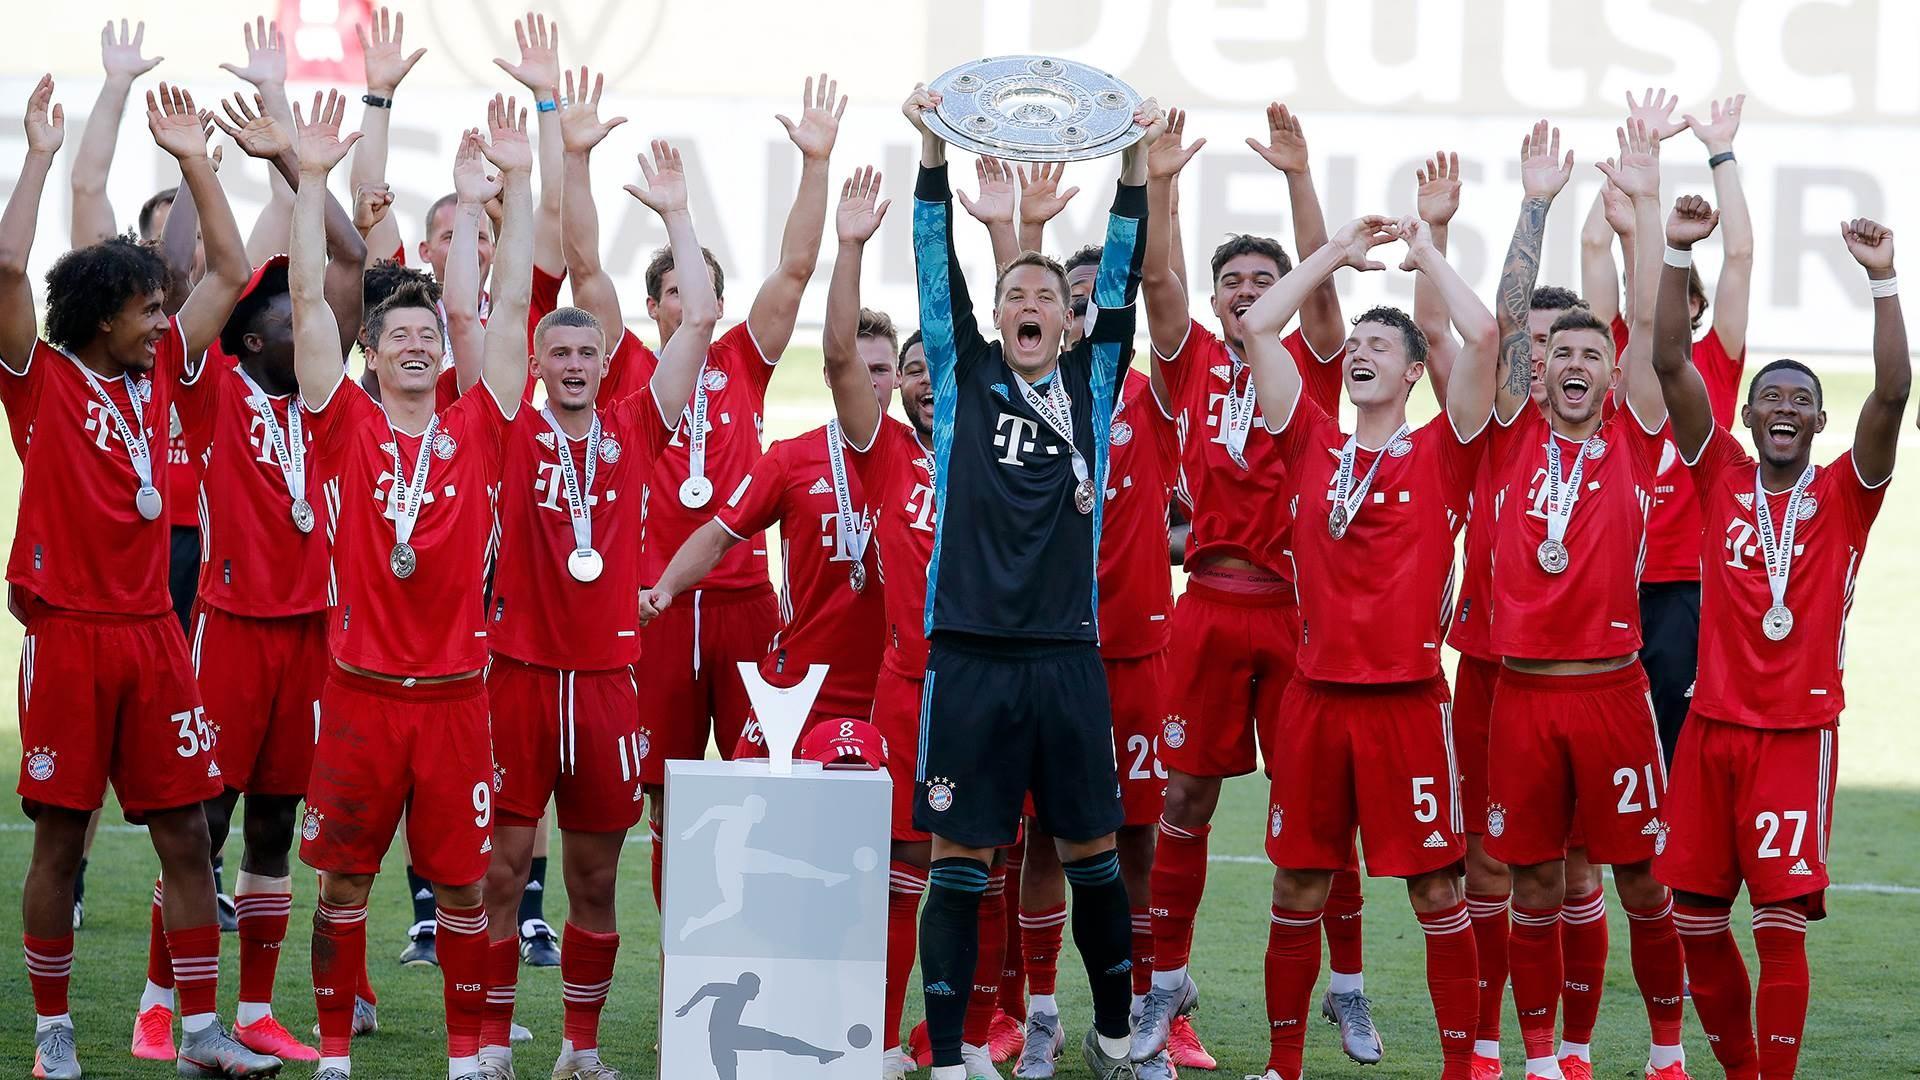 تتويج بايرن ميونيخ بطلاً للدوري الألماني (أرشيف)